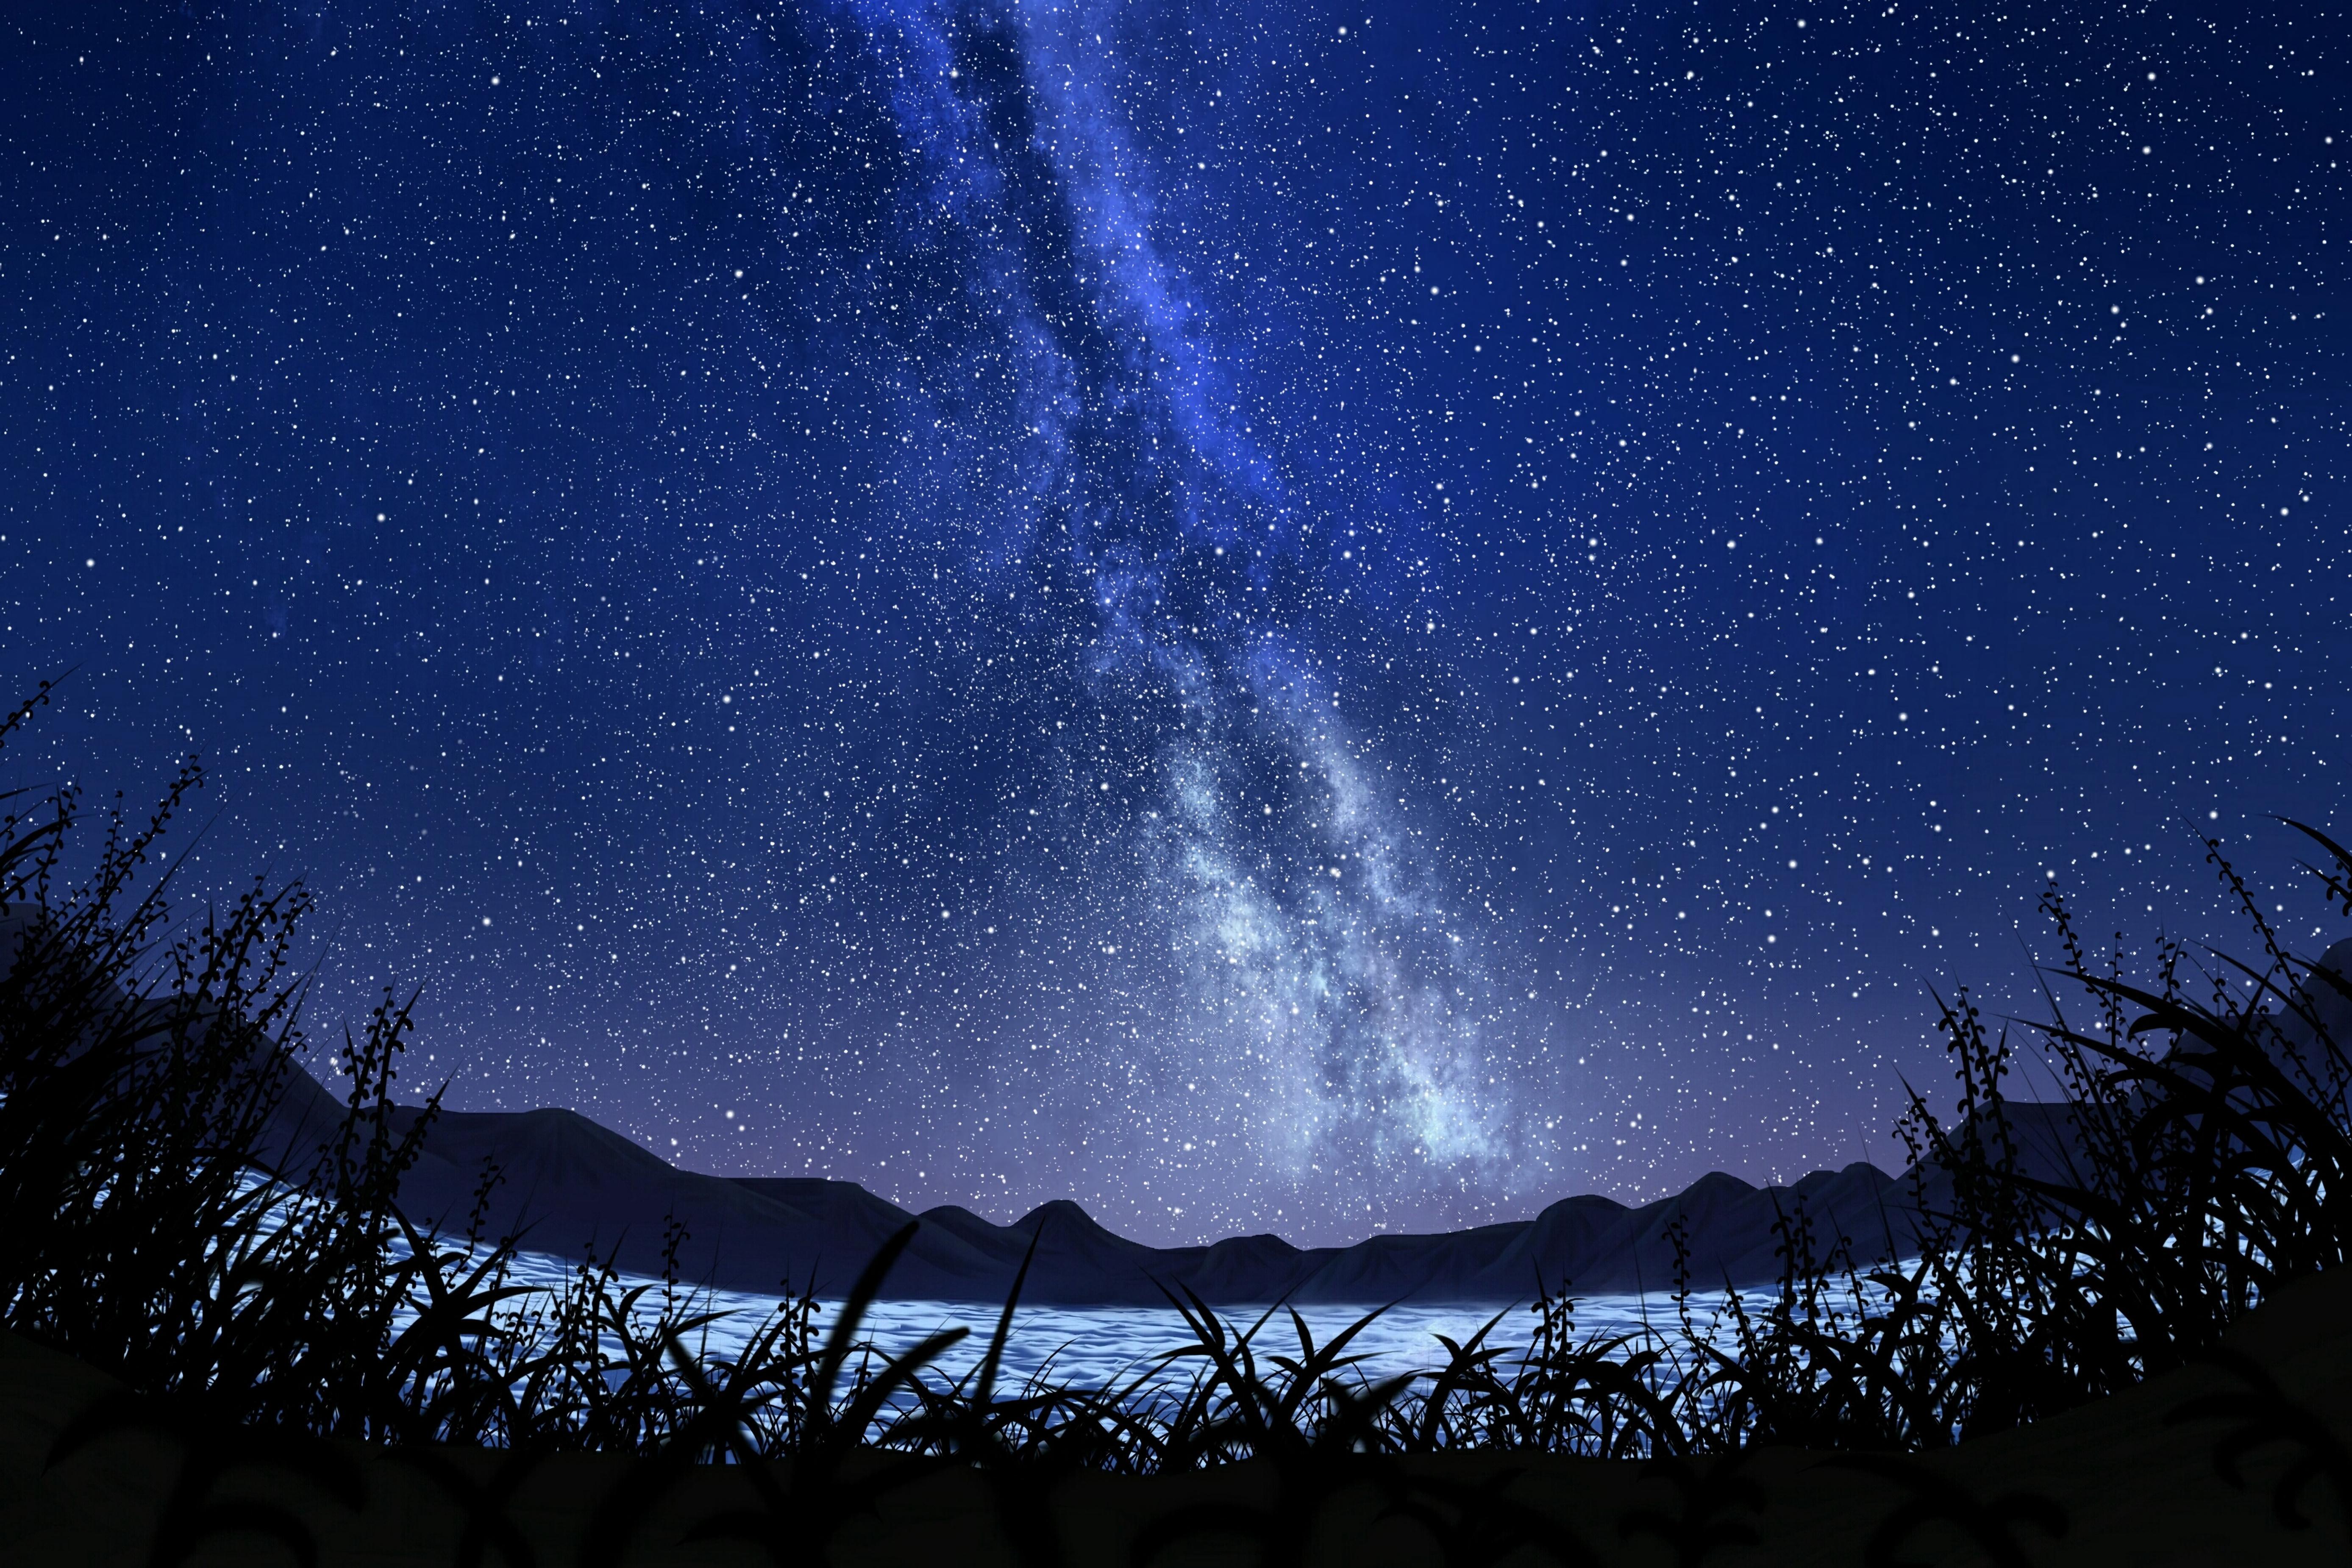 Bintang Langit Berbintang Bima Sakti Seni Malam 5550x3700 Wallpaper Teahub Io